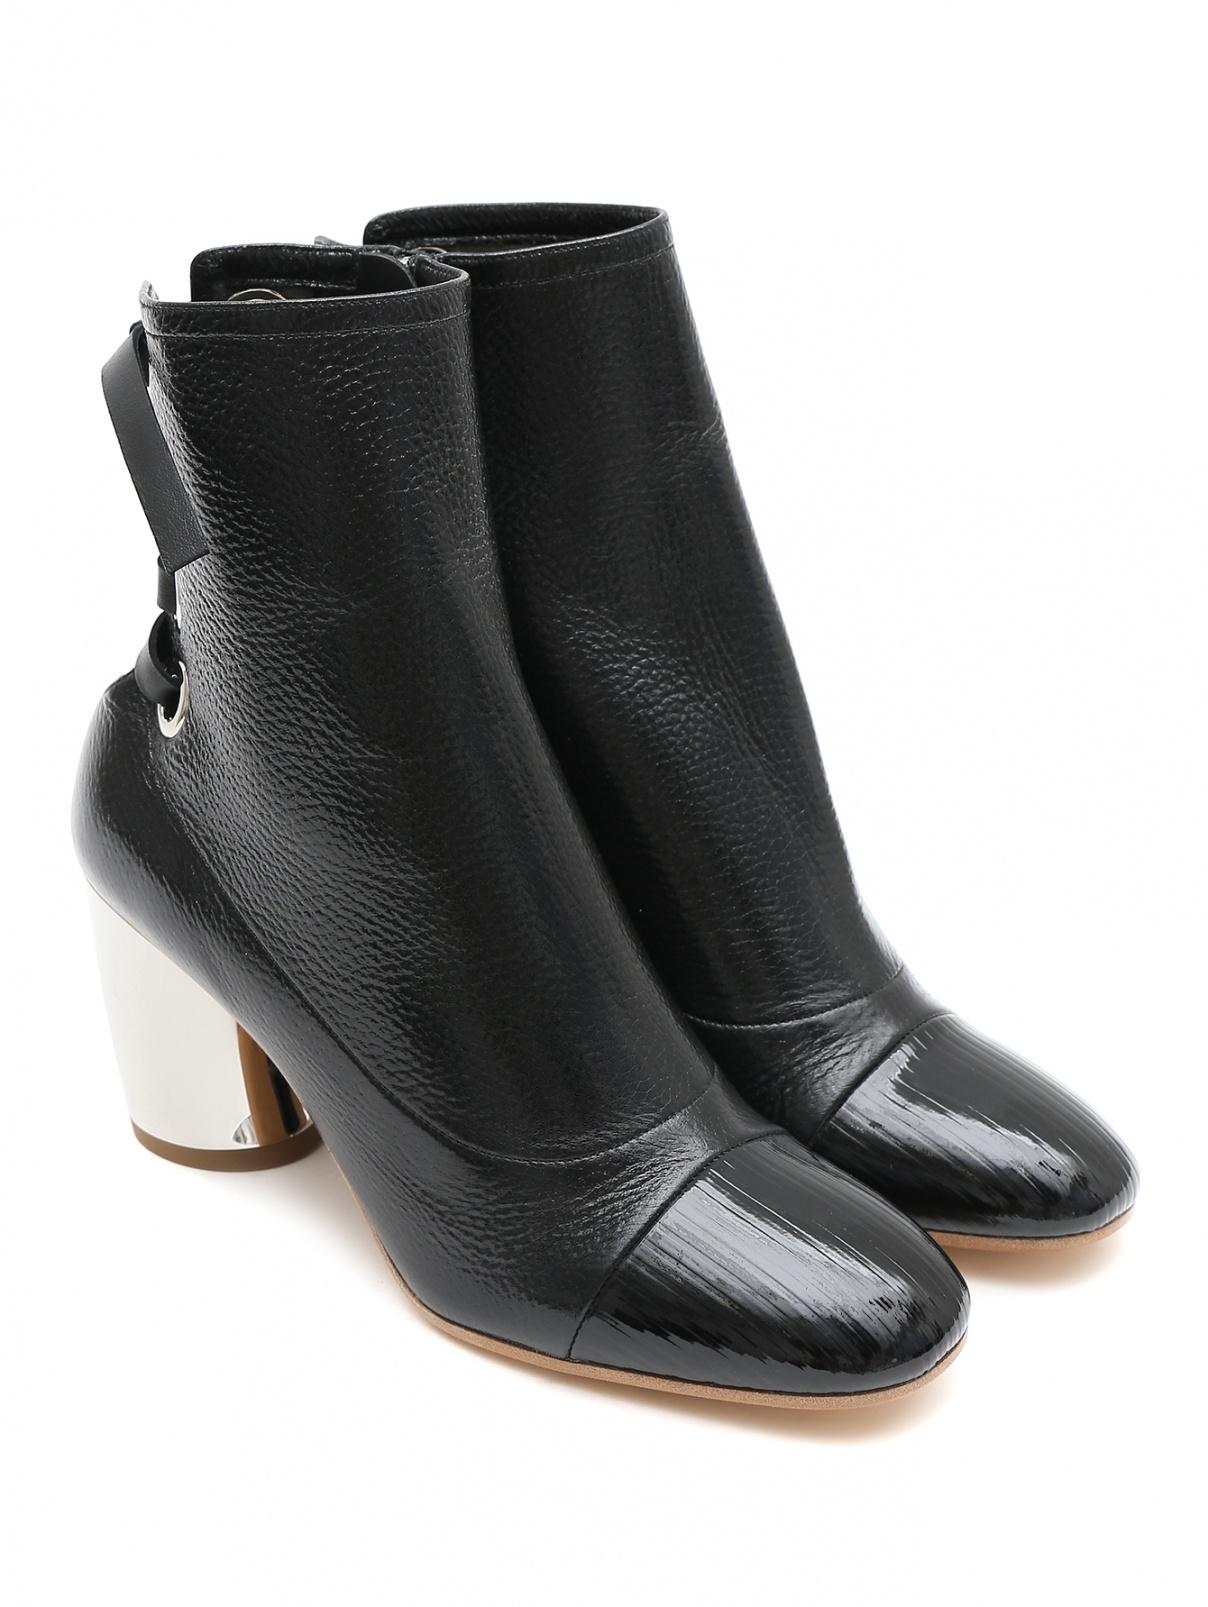 Ботильоны из фактурной кожи на среднем каблуке Proenza Schouler  –  Общий вид  – Цвет:  Черный